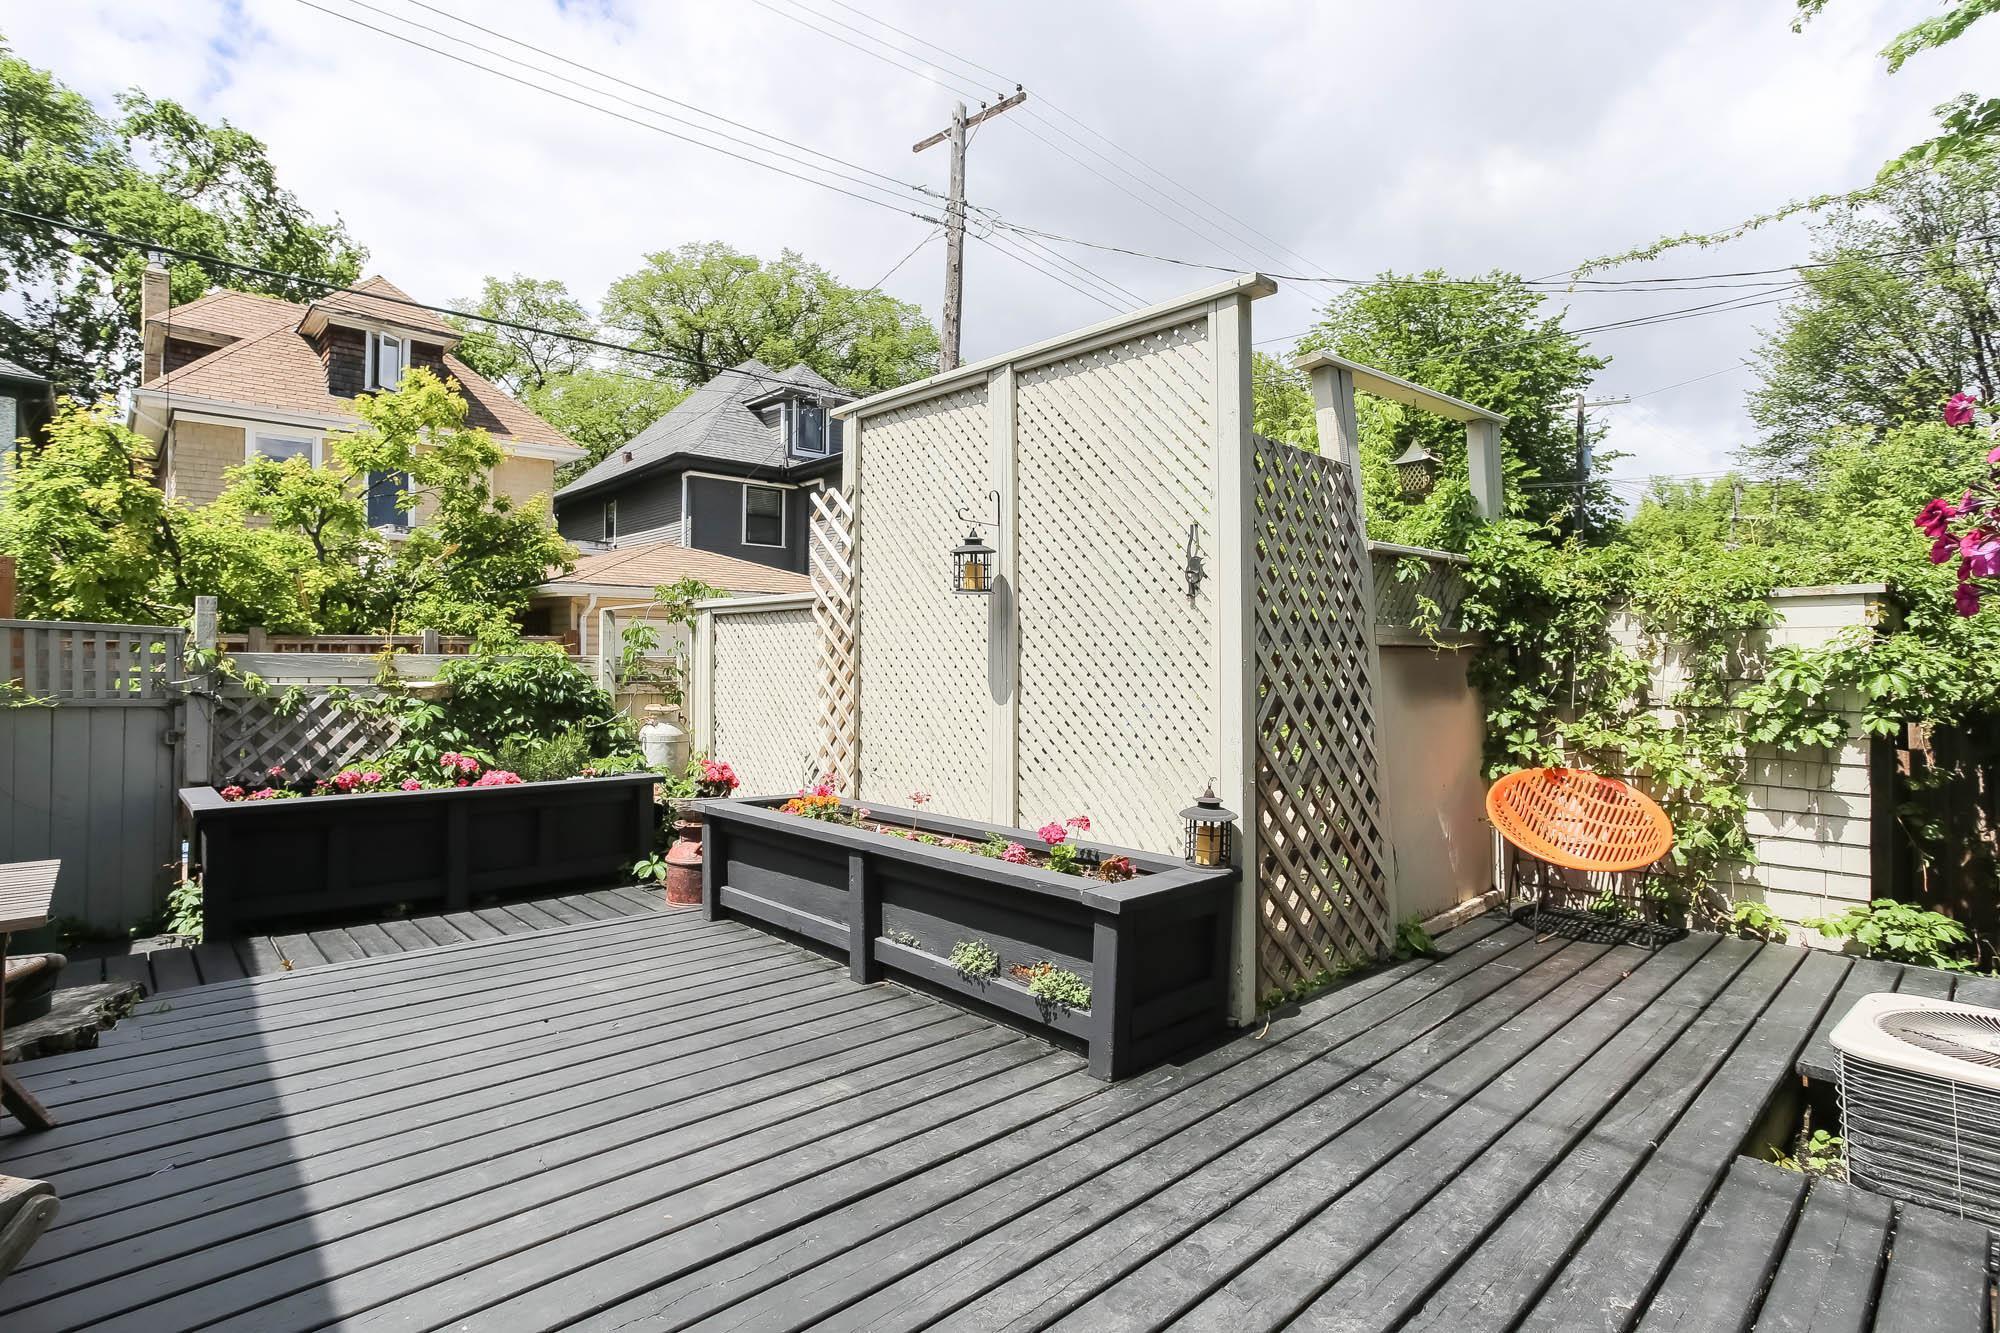 Photo 37: Photos: 108 LENORE Street in Winnipeg: Wolseley Single Family Detached for sale (5B)  : MLS®# 202013079